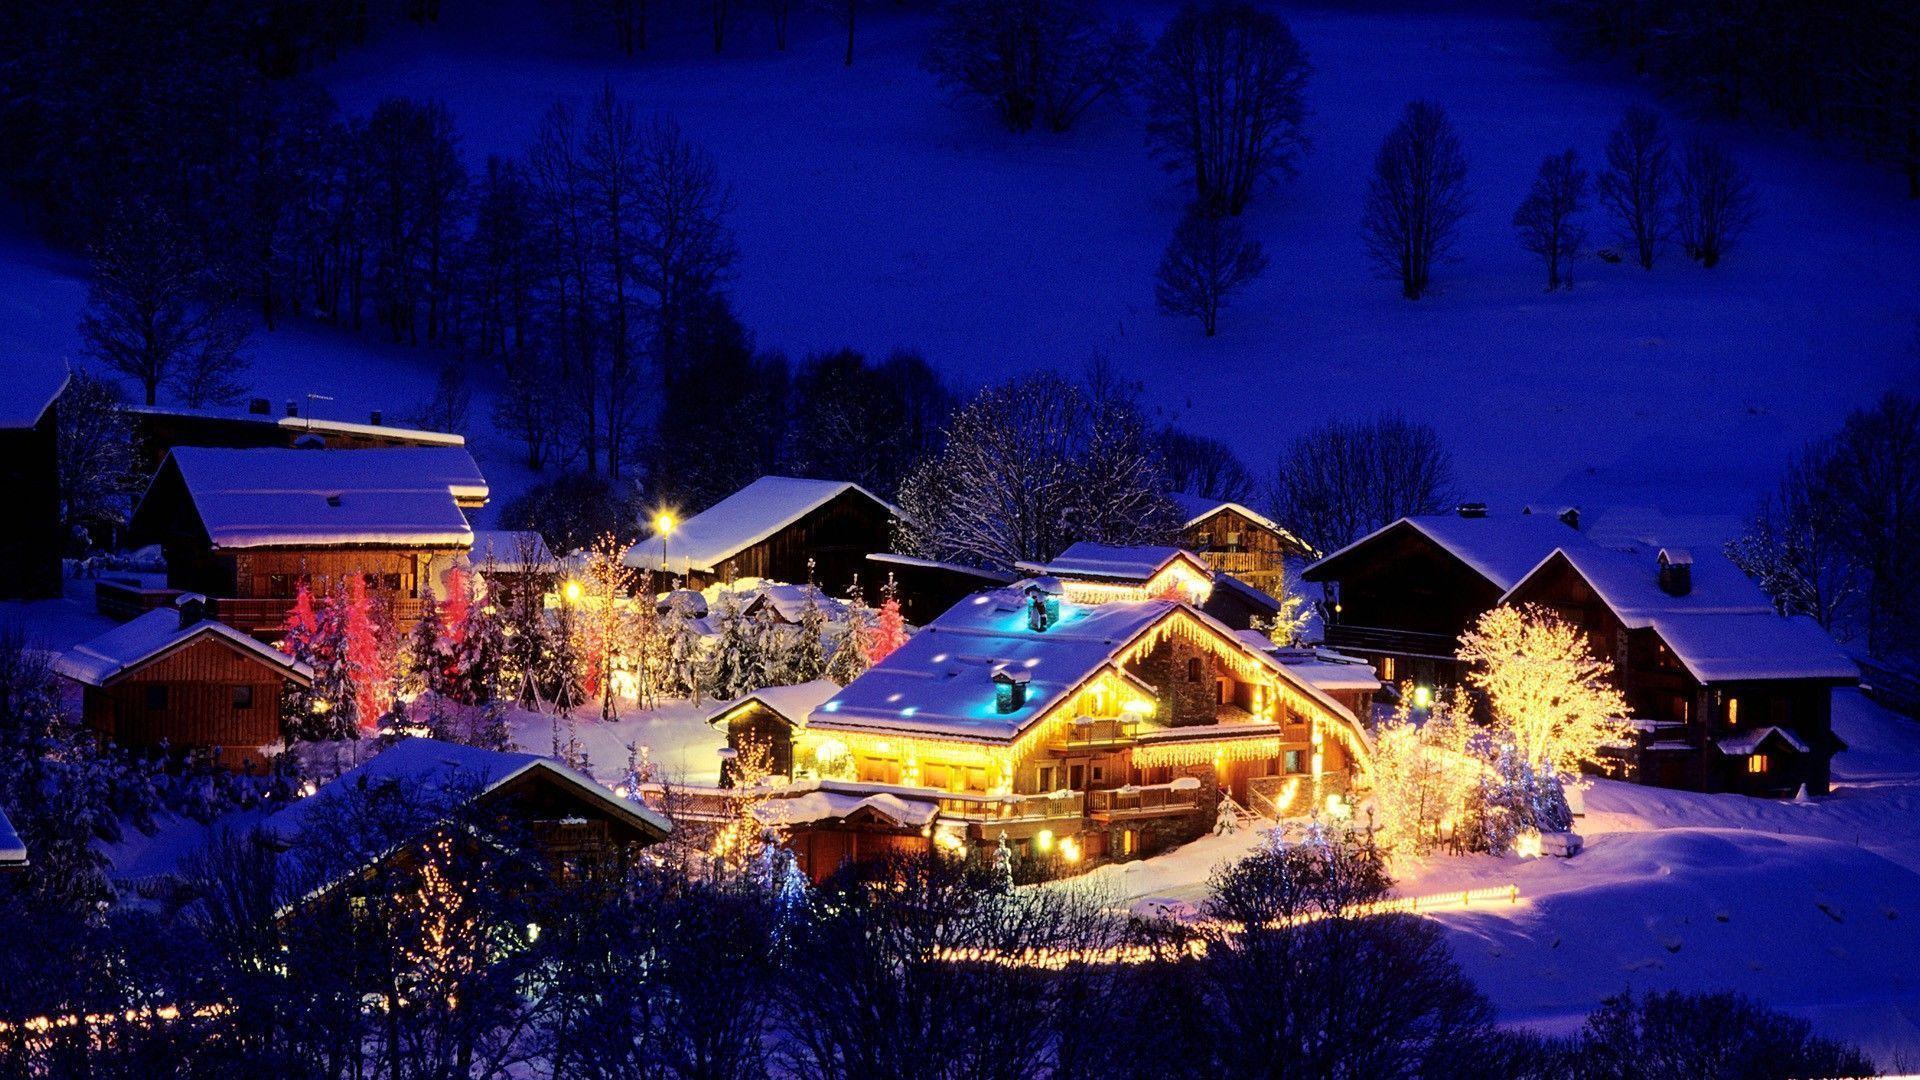 Картинка новогодняя деревня